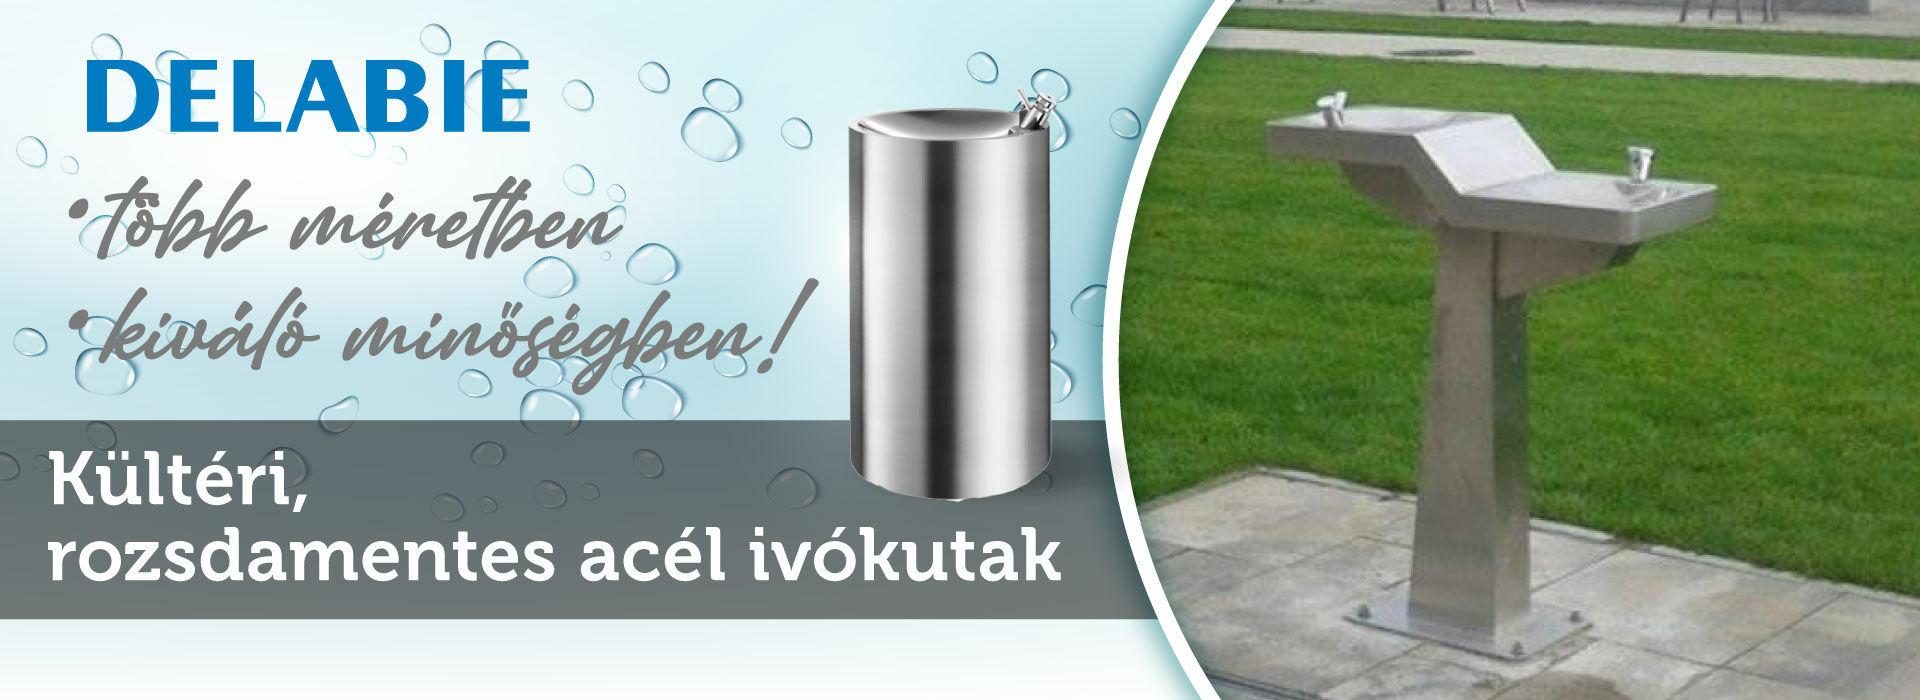 greenclean.hu/termekek-1858/ivokutak-1905/allo-ivokutak-1950